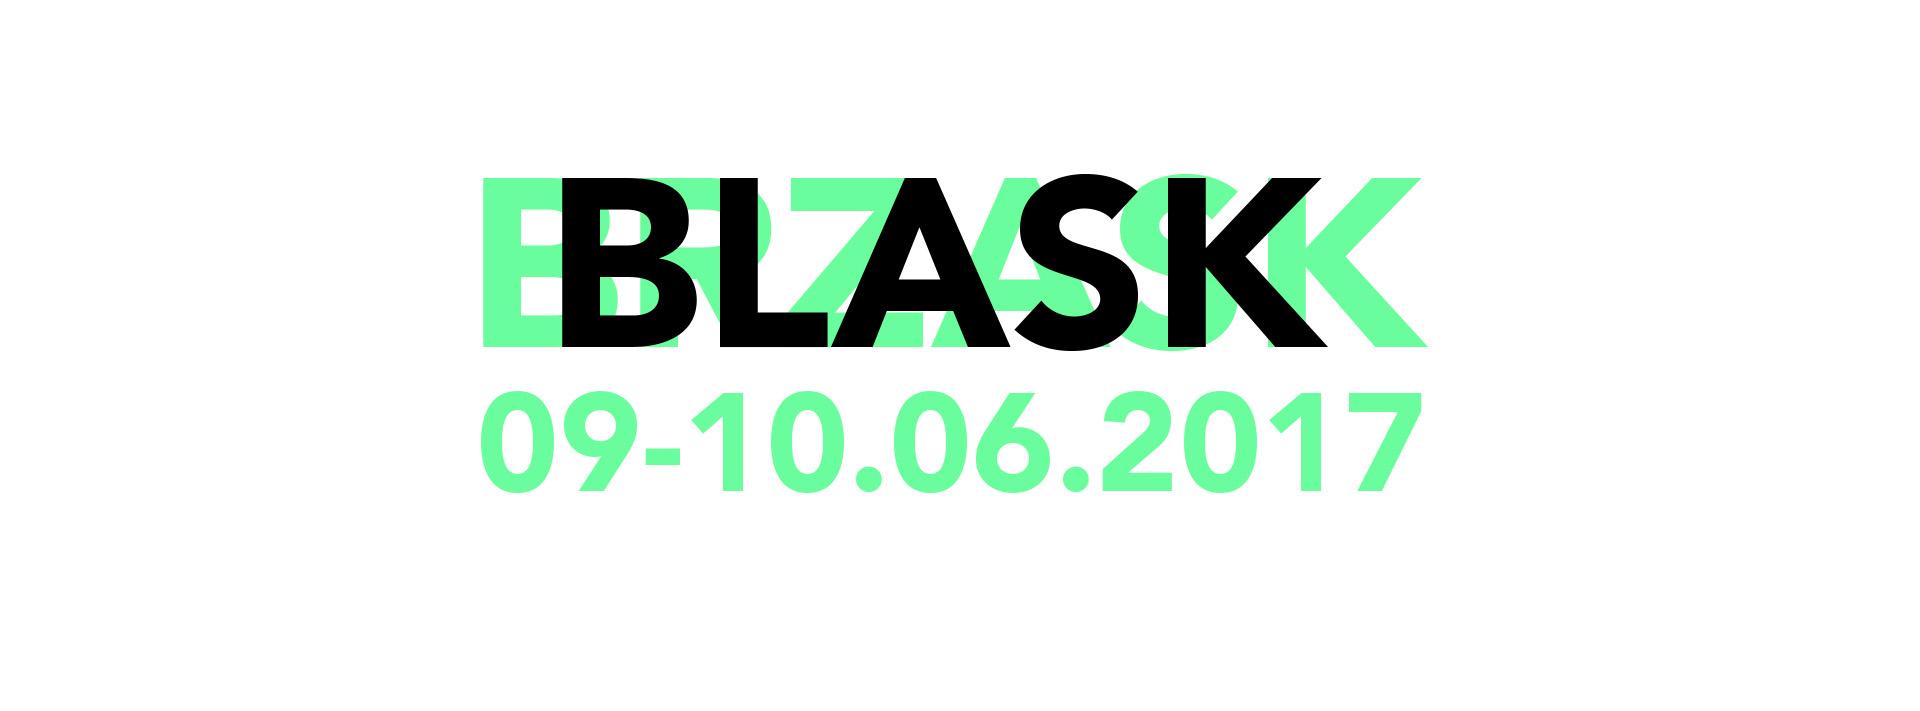 blask_brzask_1